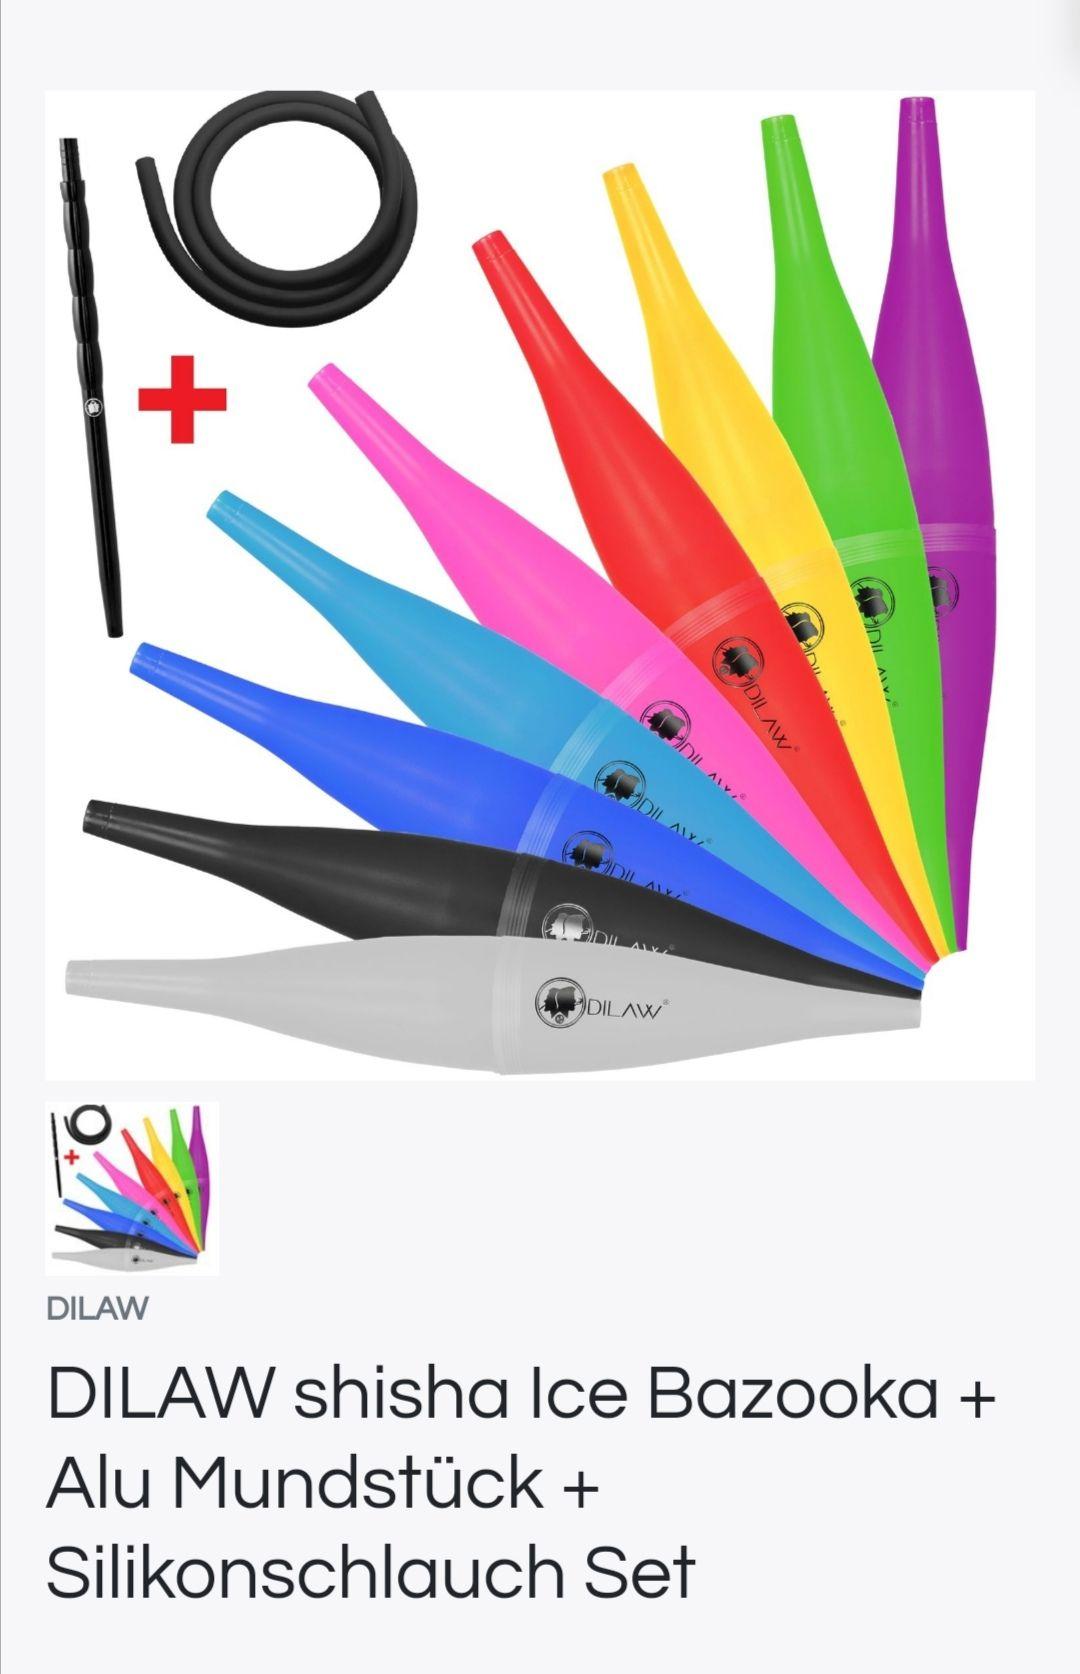 Dilaw Bazooka Set mit Mundstück, Schlauch und Bazooka ( Shisha ) mit gratis Versand